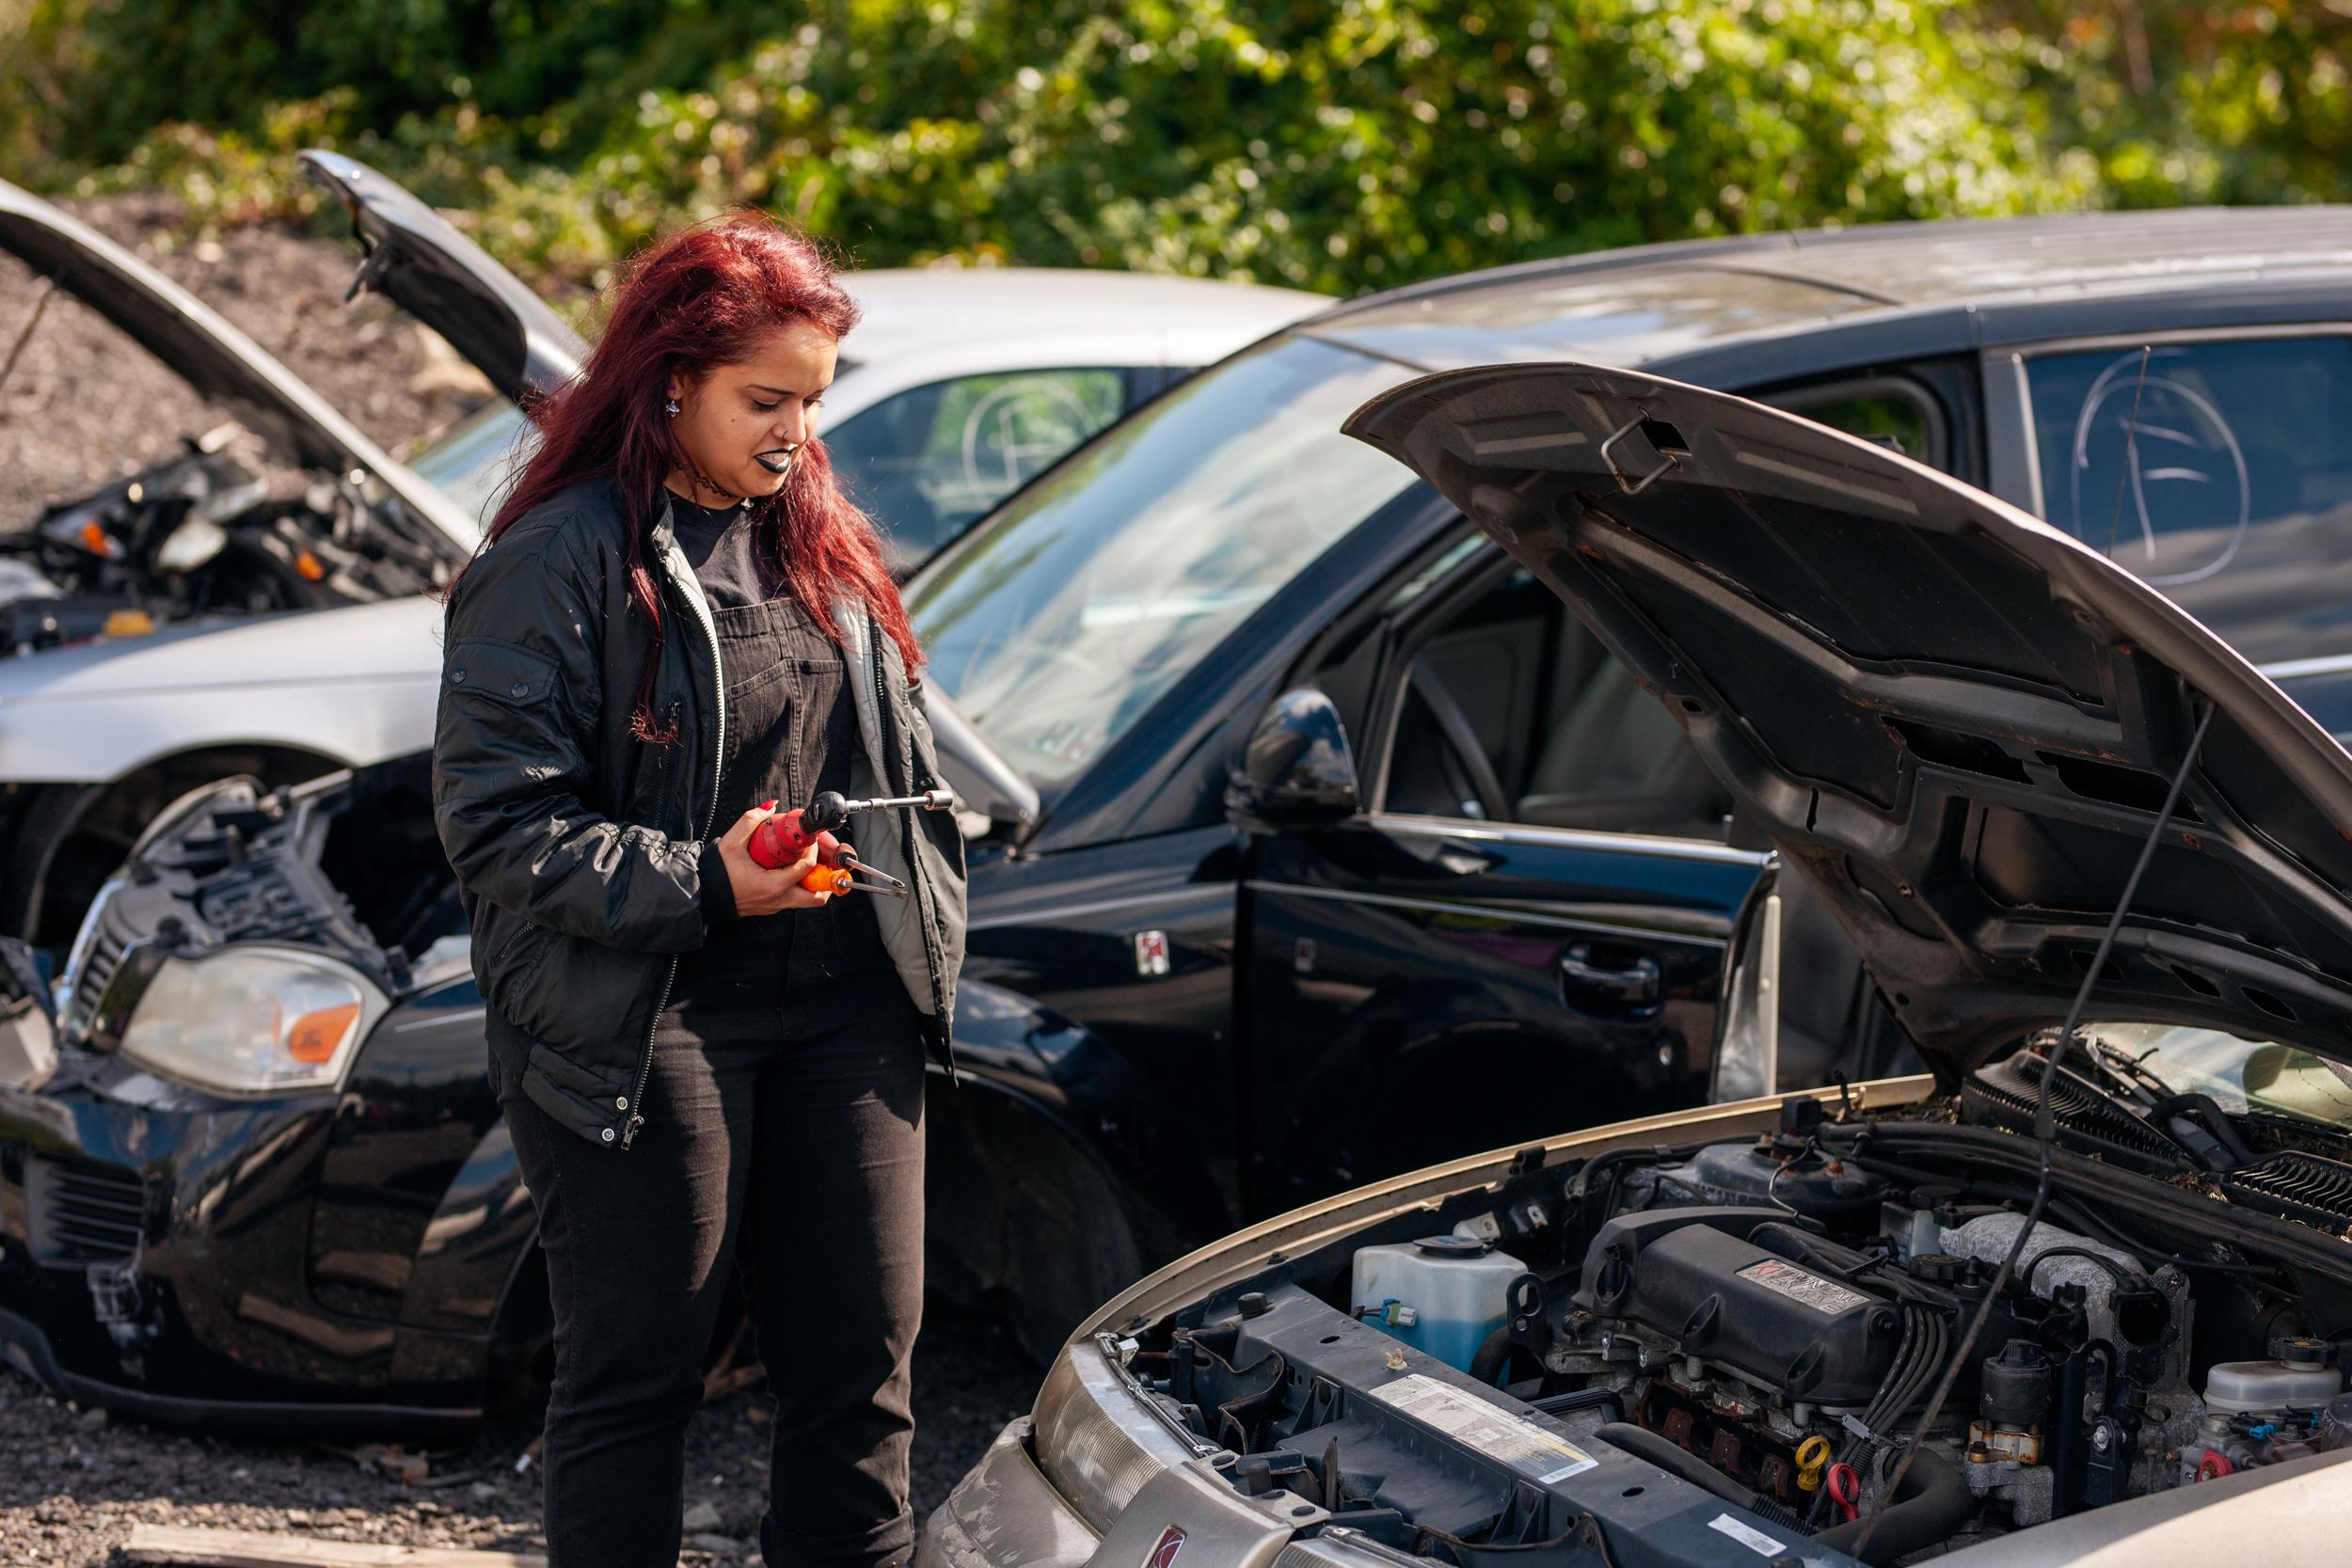 saturn enthusiast jessie at junkyard